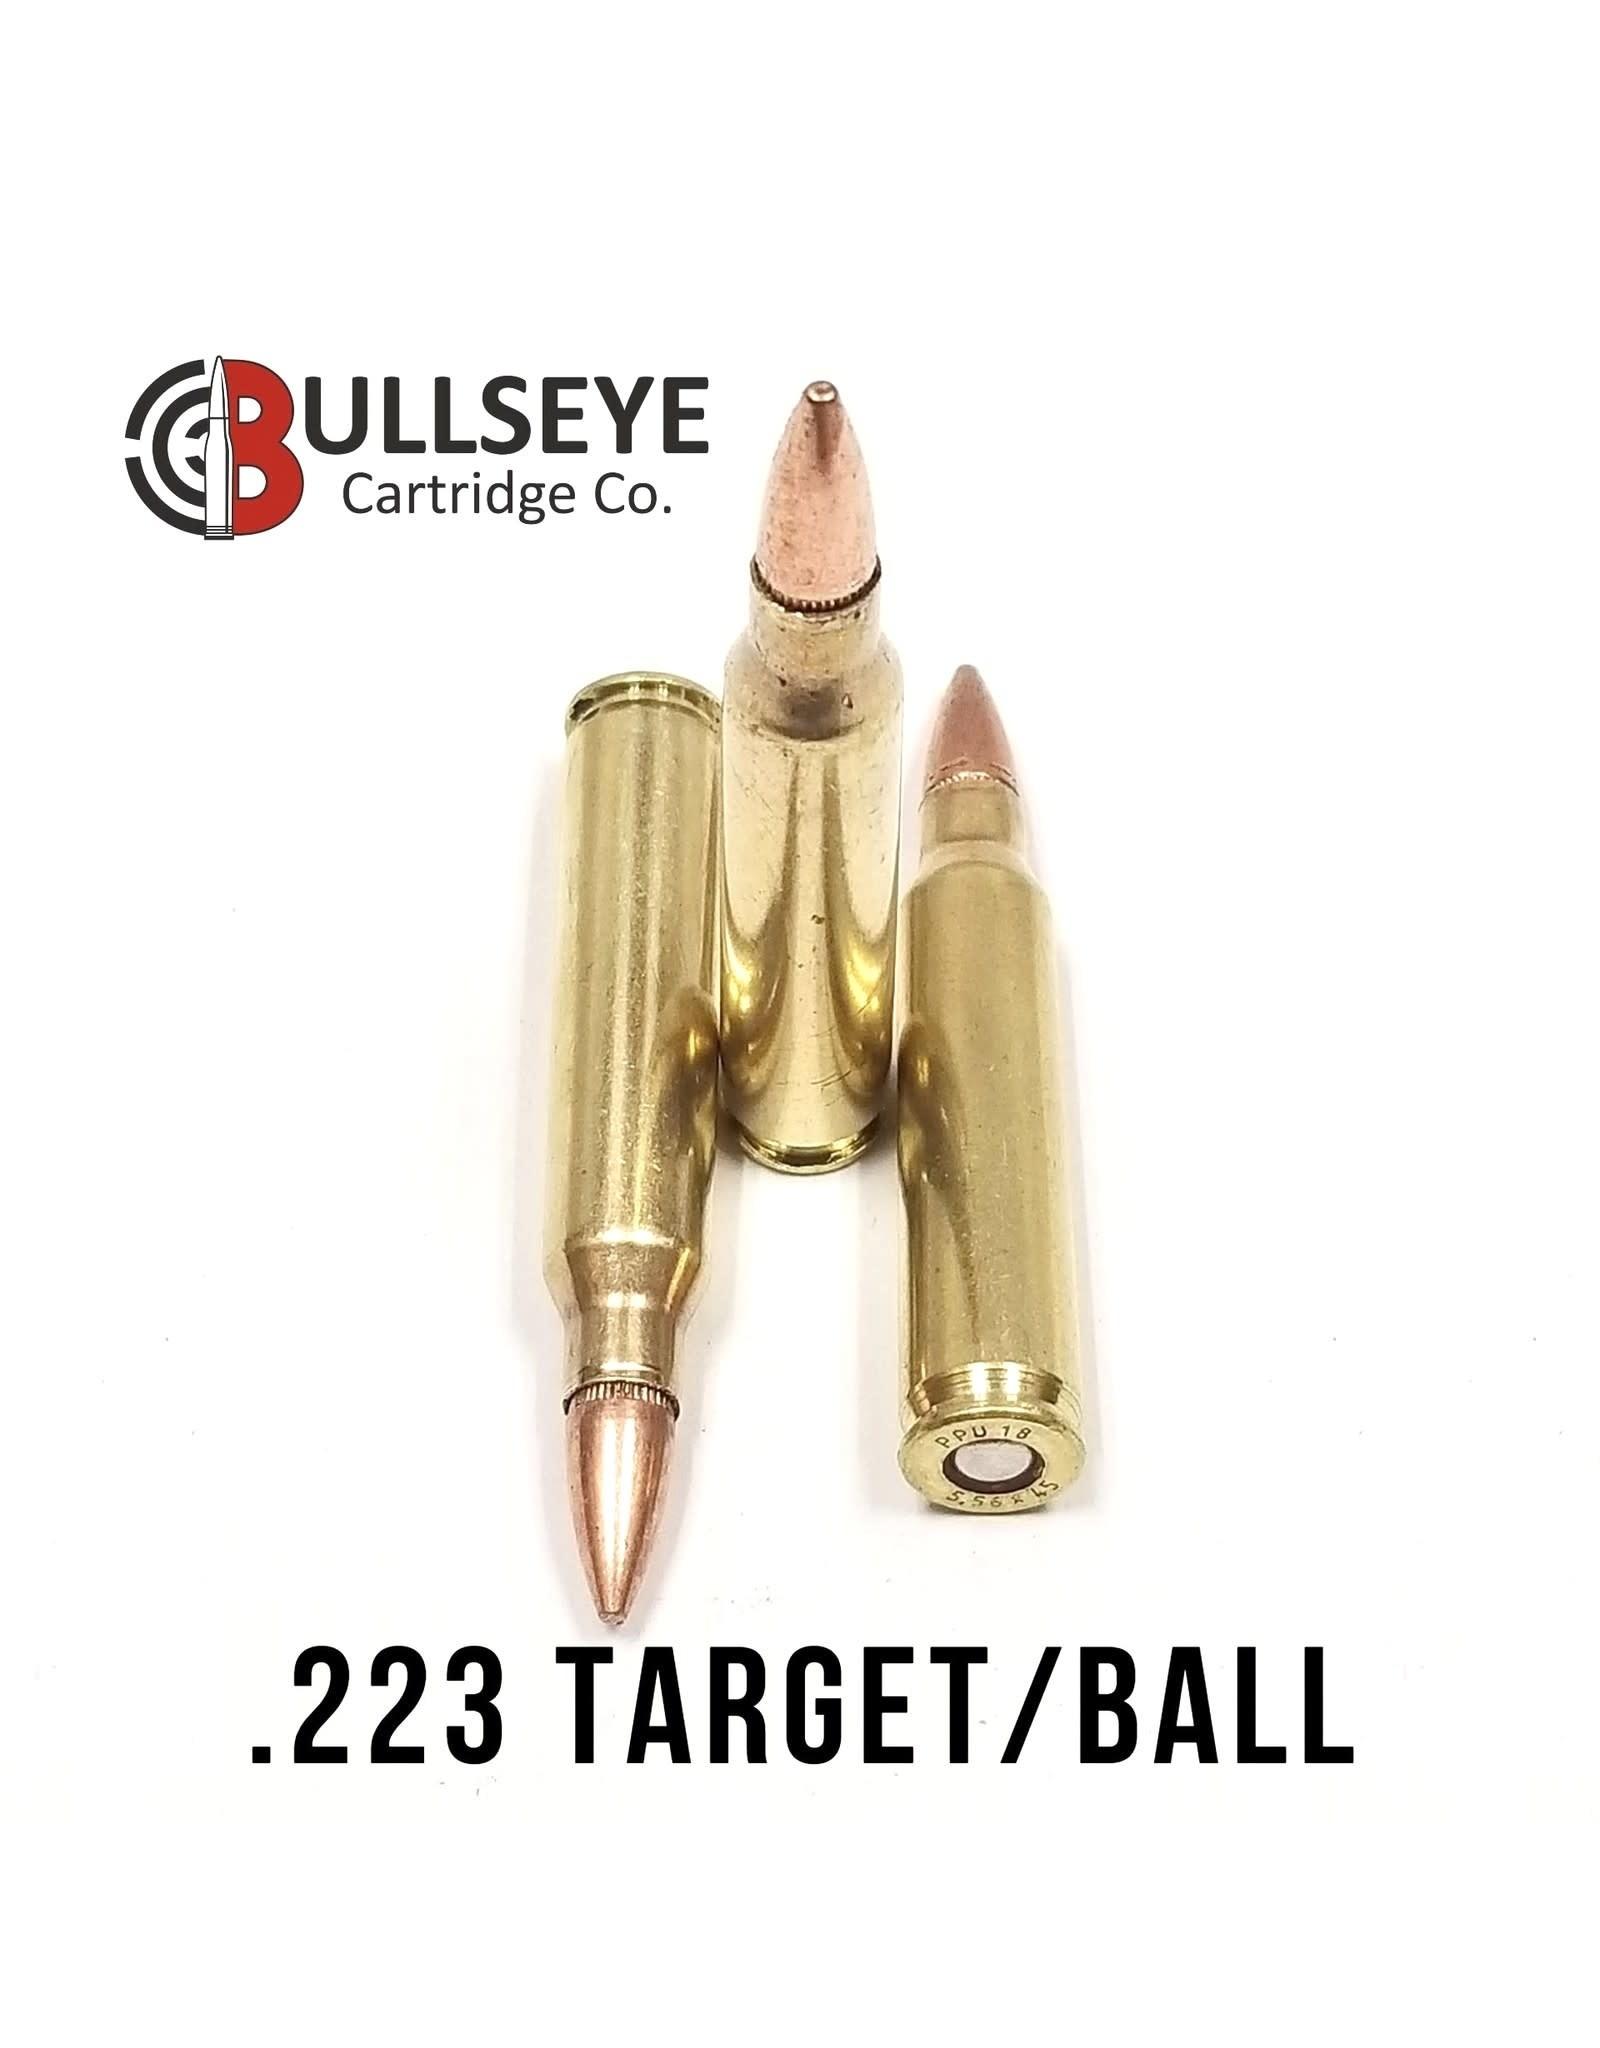 .223 Rem/ 5.56 NATO (Target/Ball) 55gr - 50